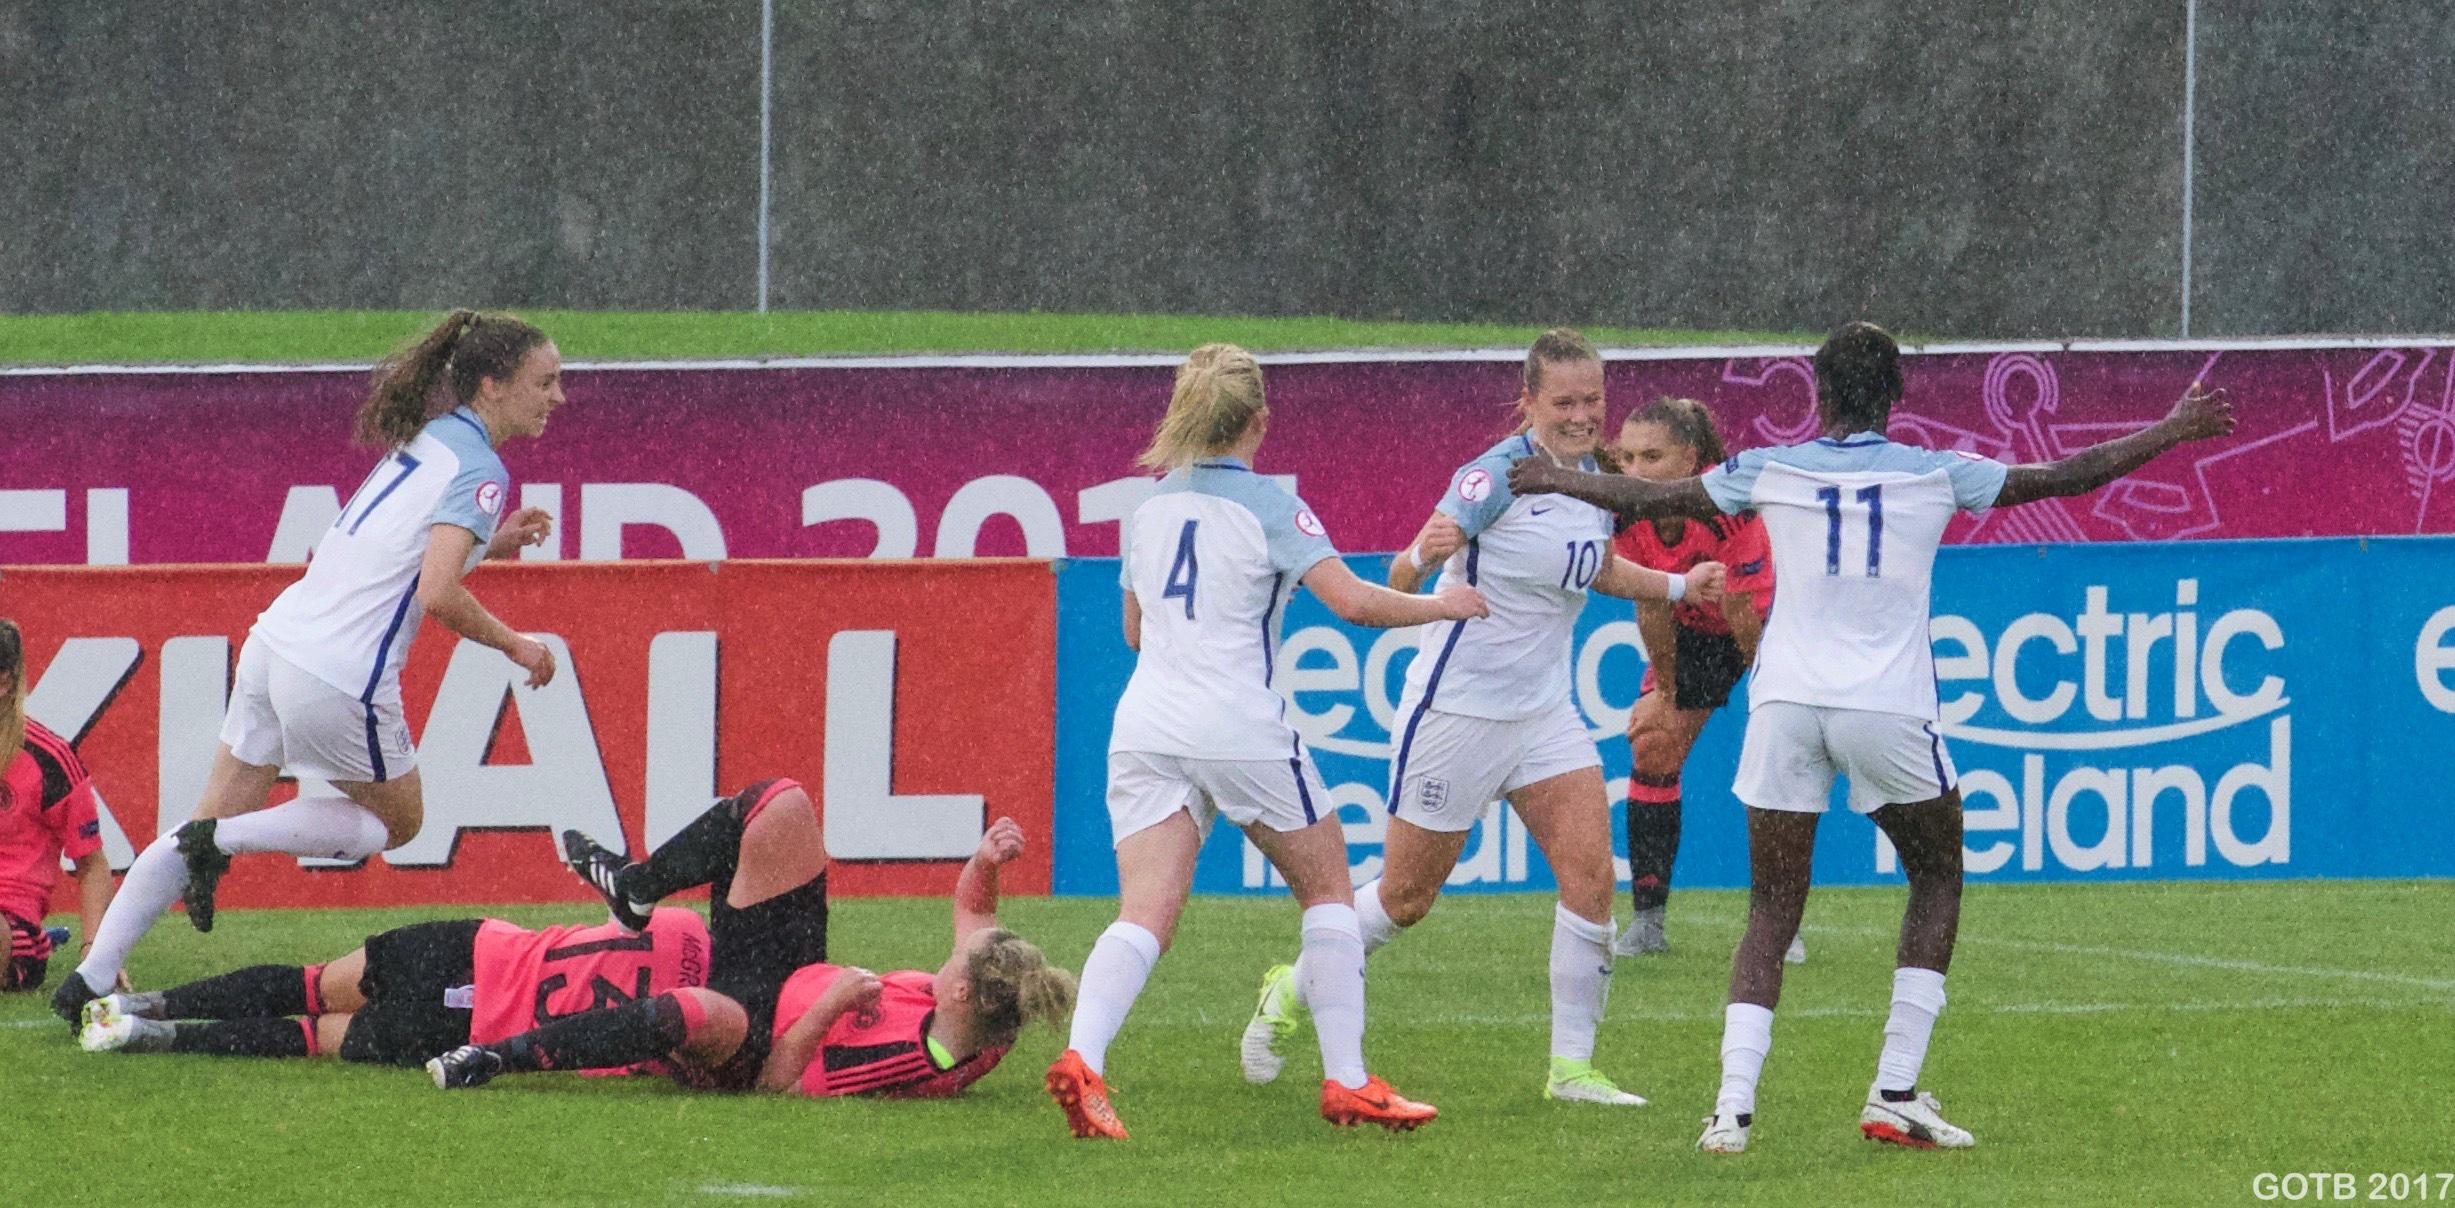 England v Scotland, U19 Euro 2017